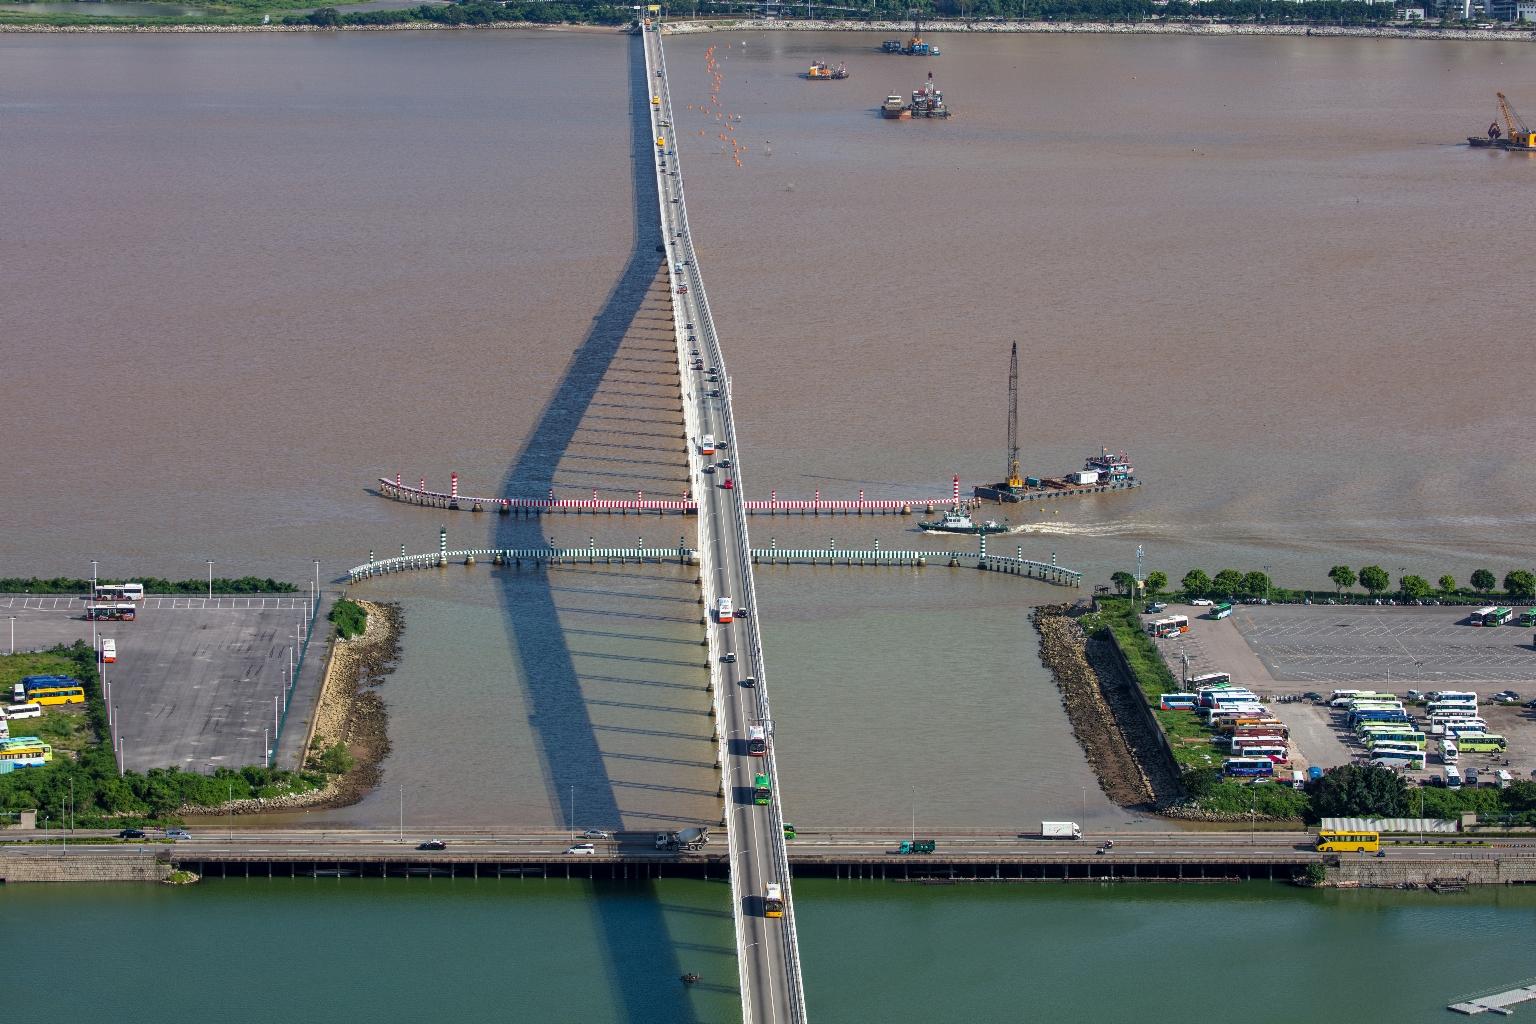 嘉樂庇大橋